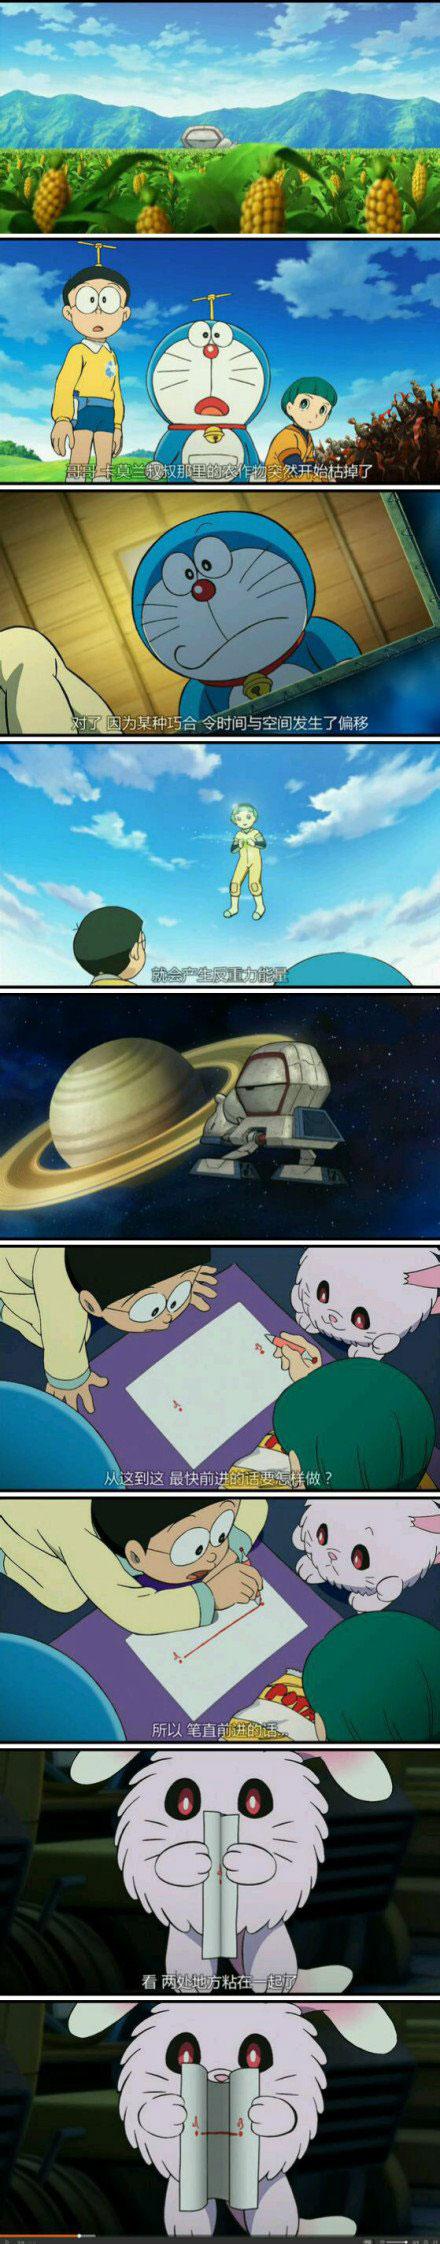 """《星际穿越》被指""""抄袭""""了《哆啦A梦》"""